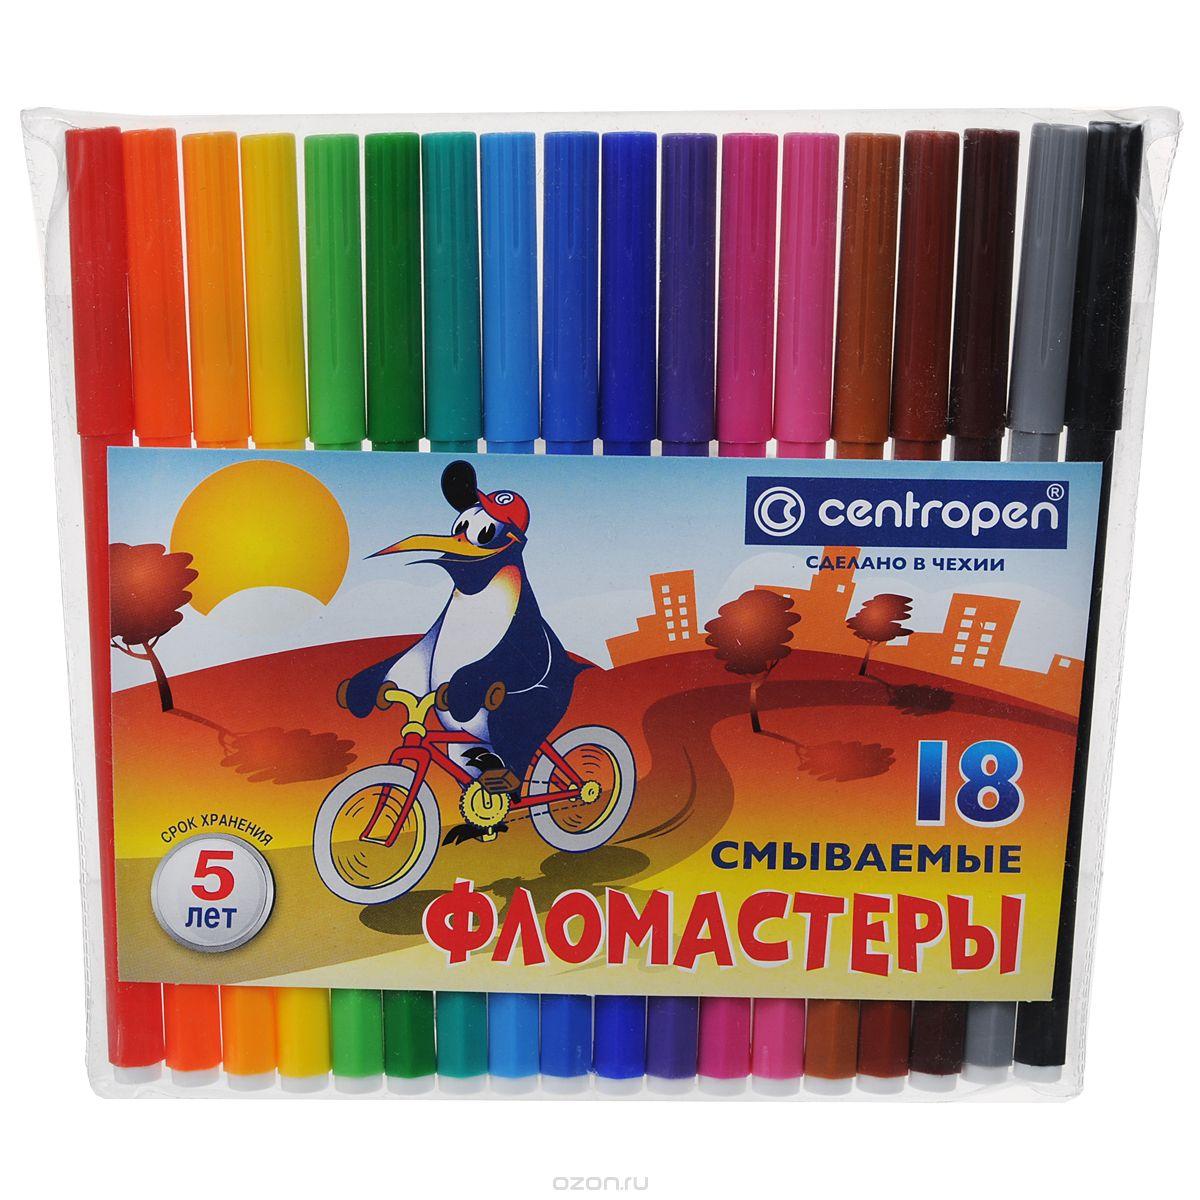 Набор фломастеров Пингвины, 18 цветов7790/18-86Набор Пингвины состоит из 18 разноцветных смываемых фломастеров, которые отлично подойдут и для школьных занятий, и просто для рисования. Фломастеры обладают великолепными яркими и выразительными цветами. Корпус фломастеров изготовлен из полипропилена, который предохраняет чернила от преждевременного высыхания и гарантирует длительный срок службы. Также фломастеры снабжены вентилирующимися колпачками.